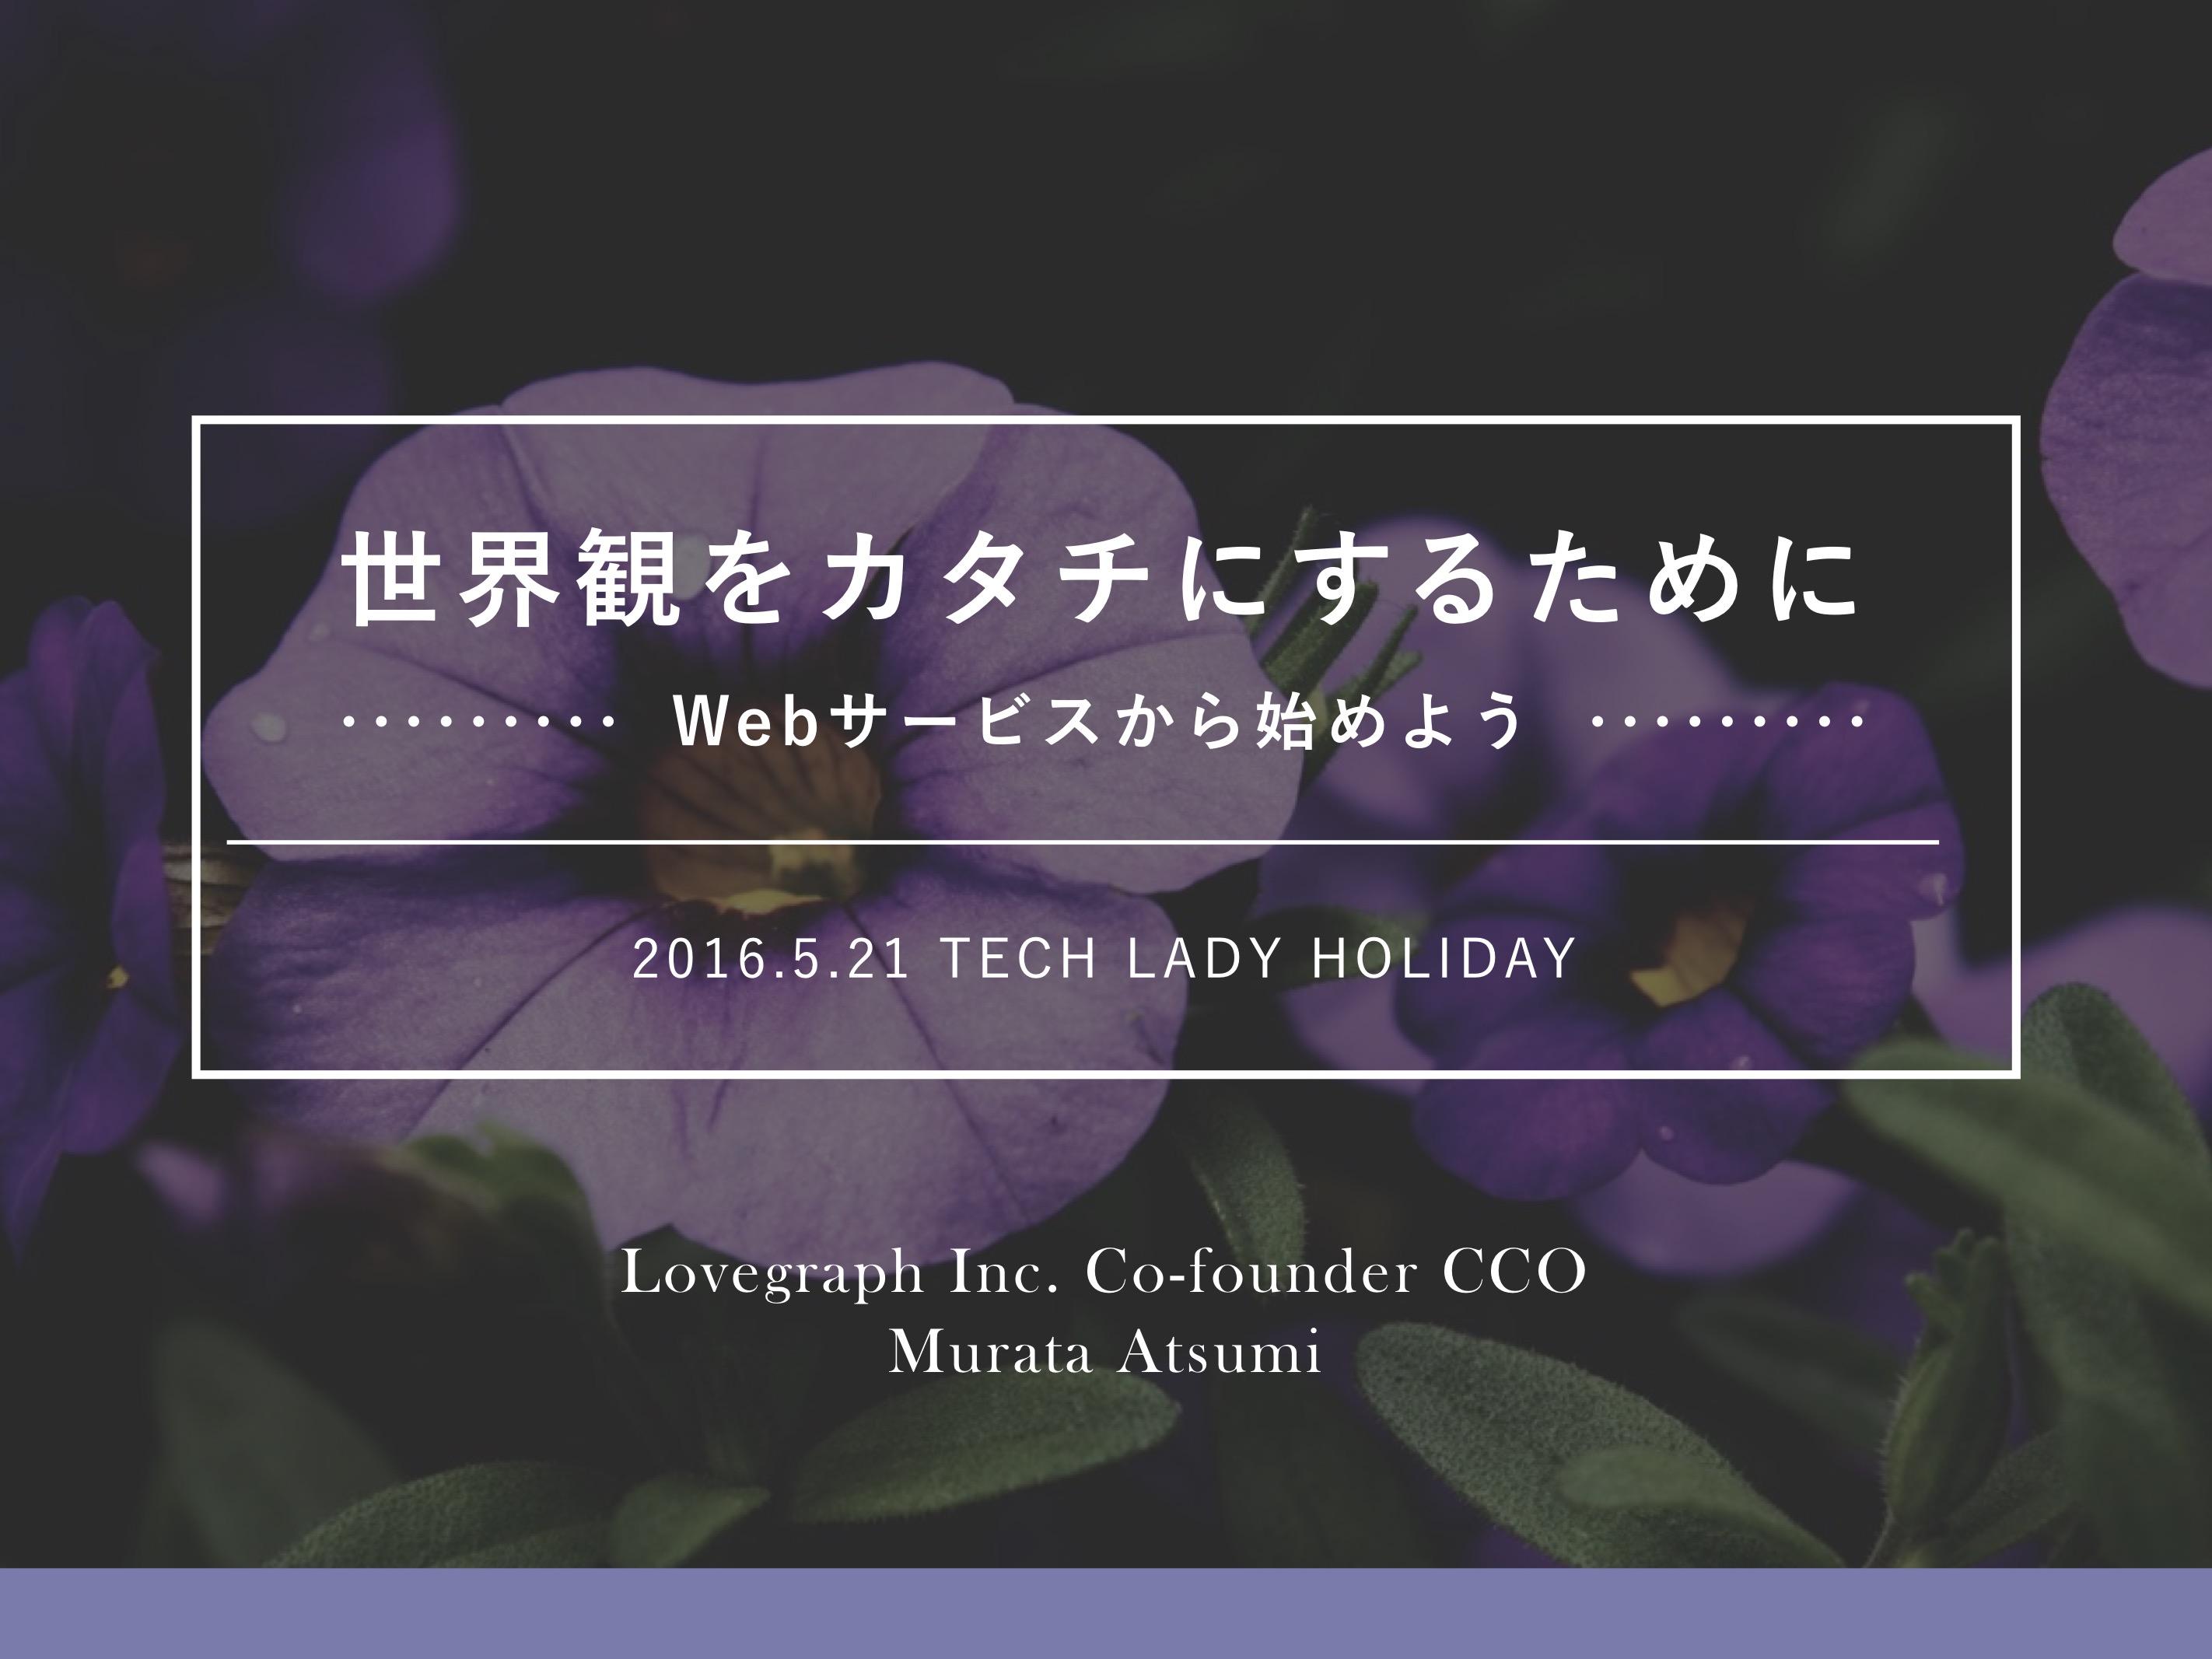 TECH LADY HOLIDAY_logmi (1)